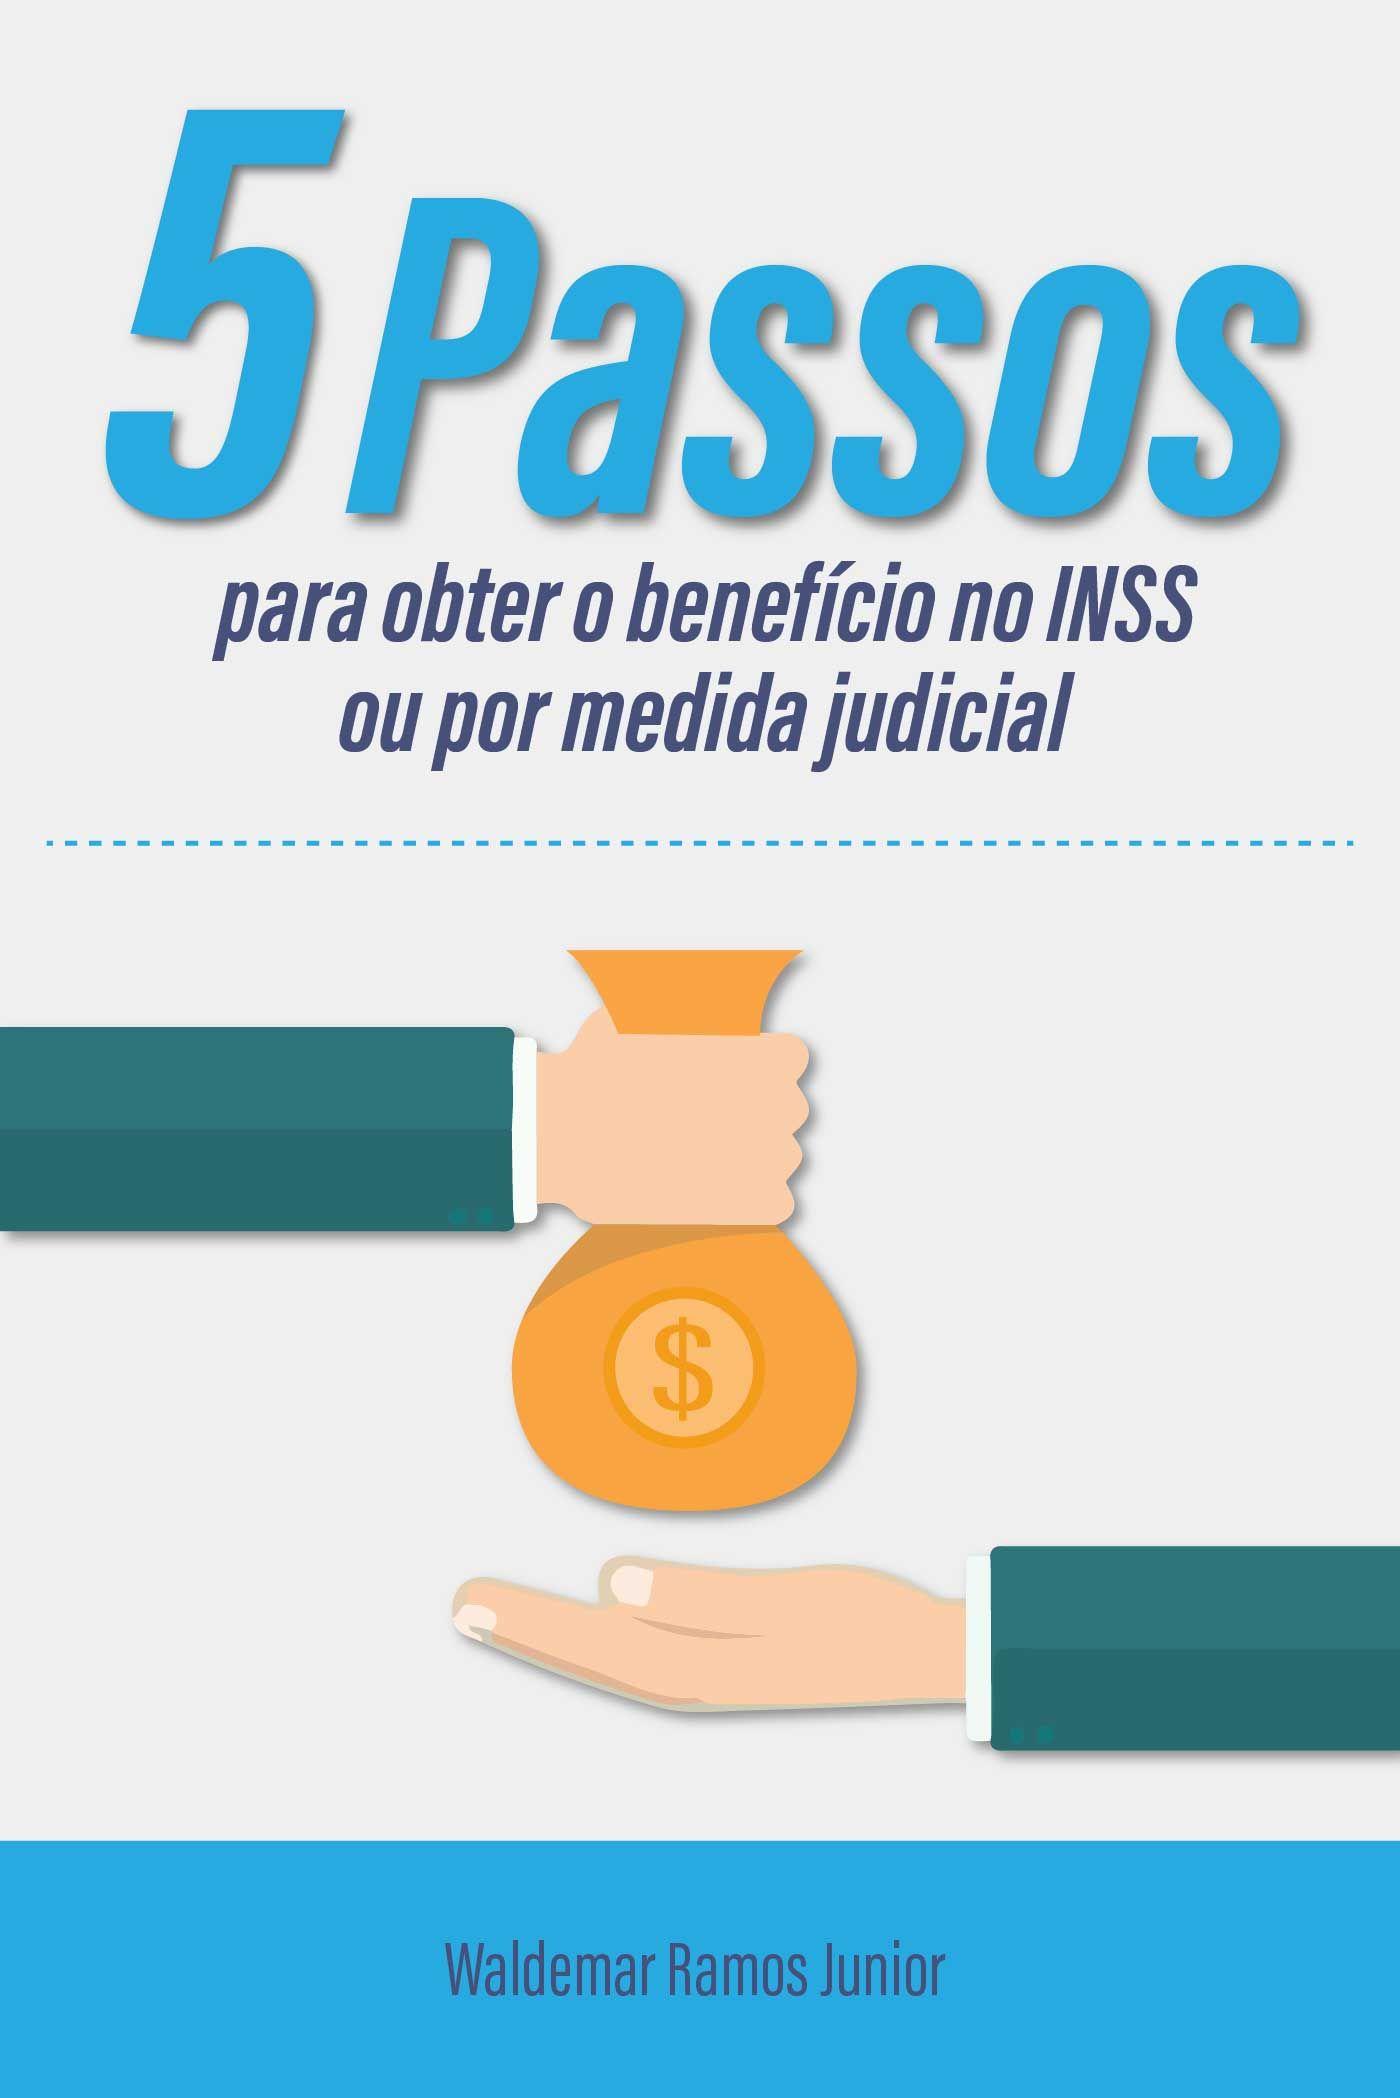 5 Passos para obter o benefício no INSS ou por medida judicial